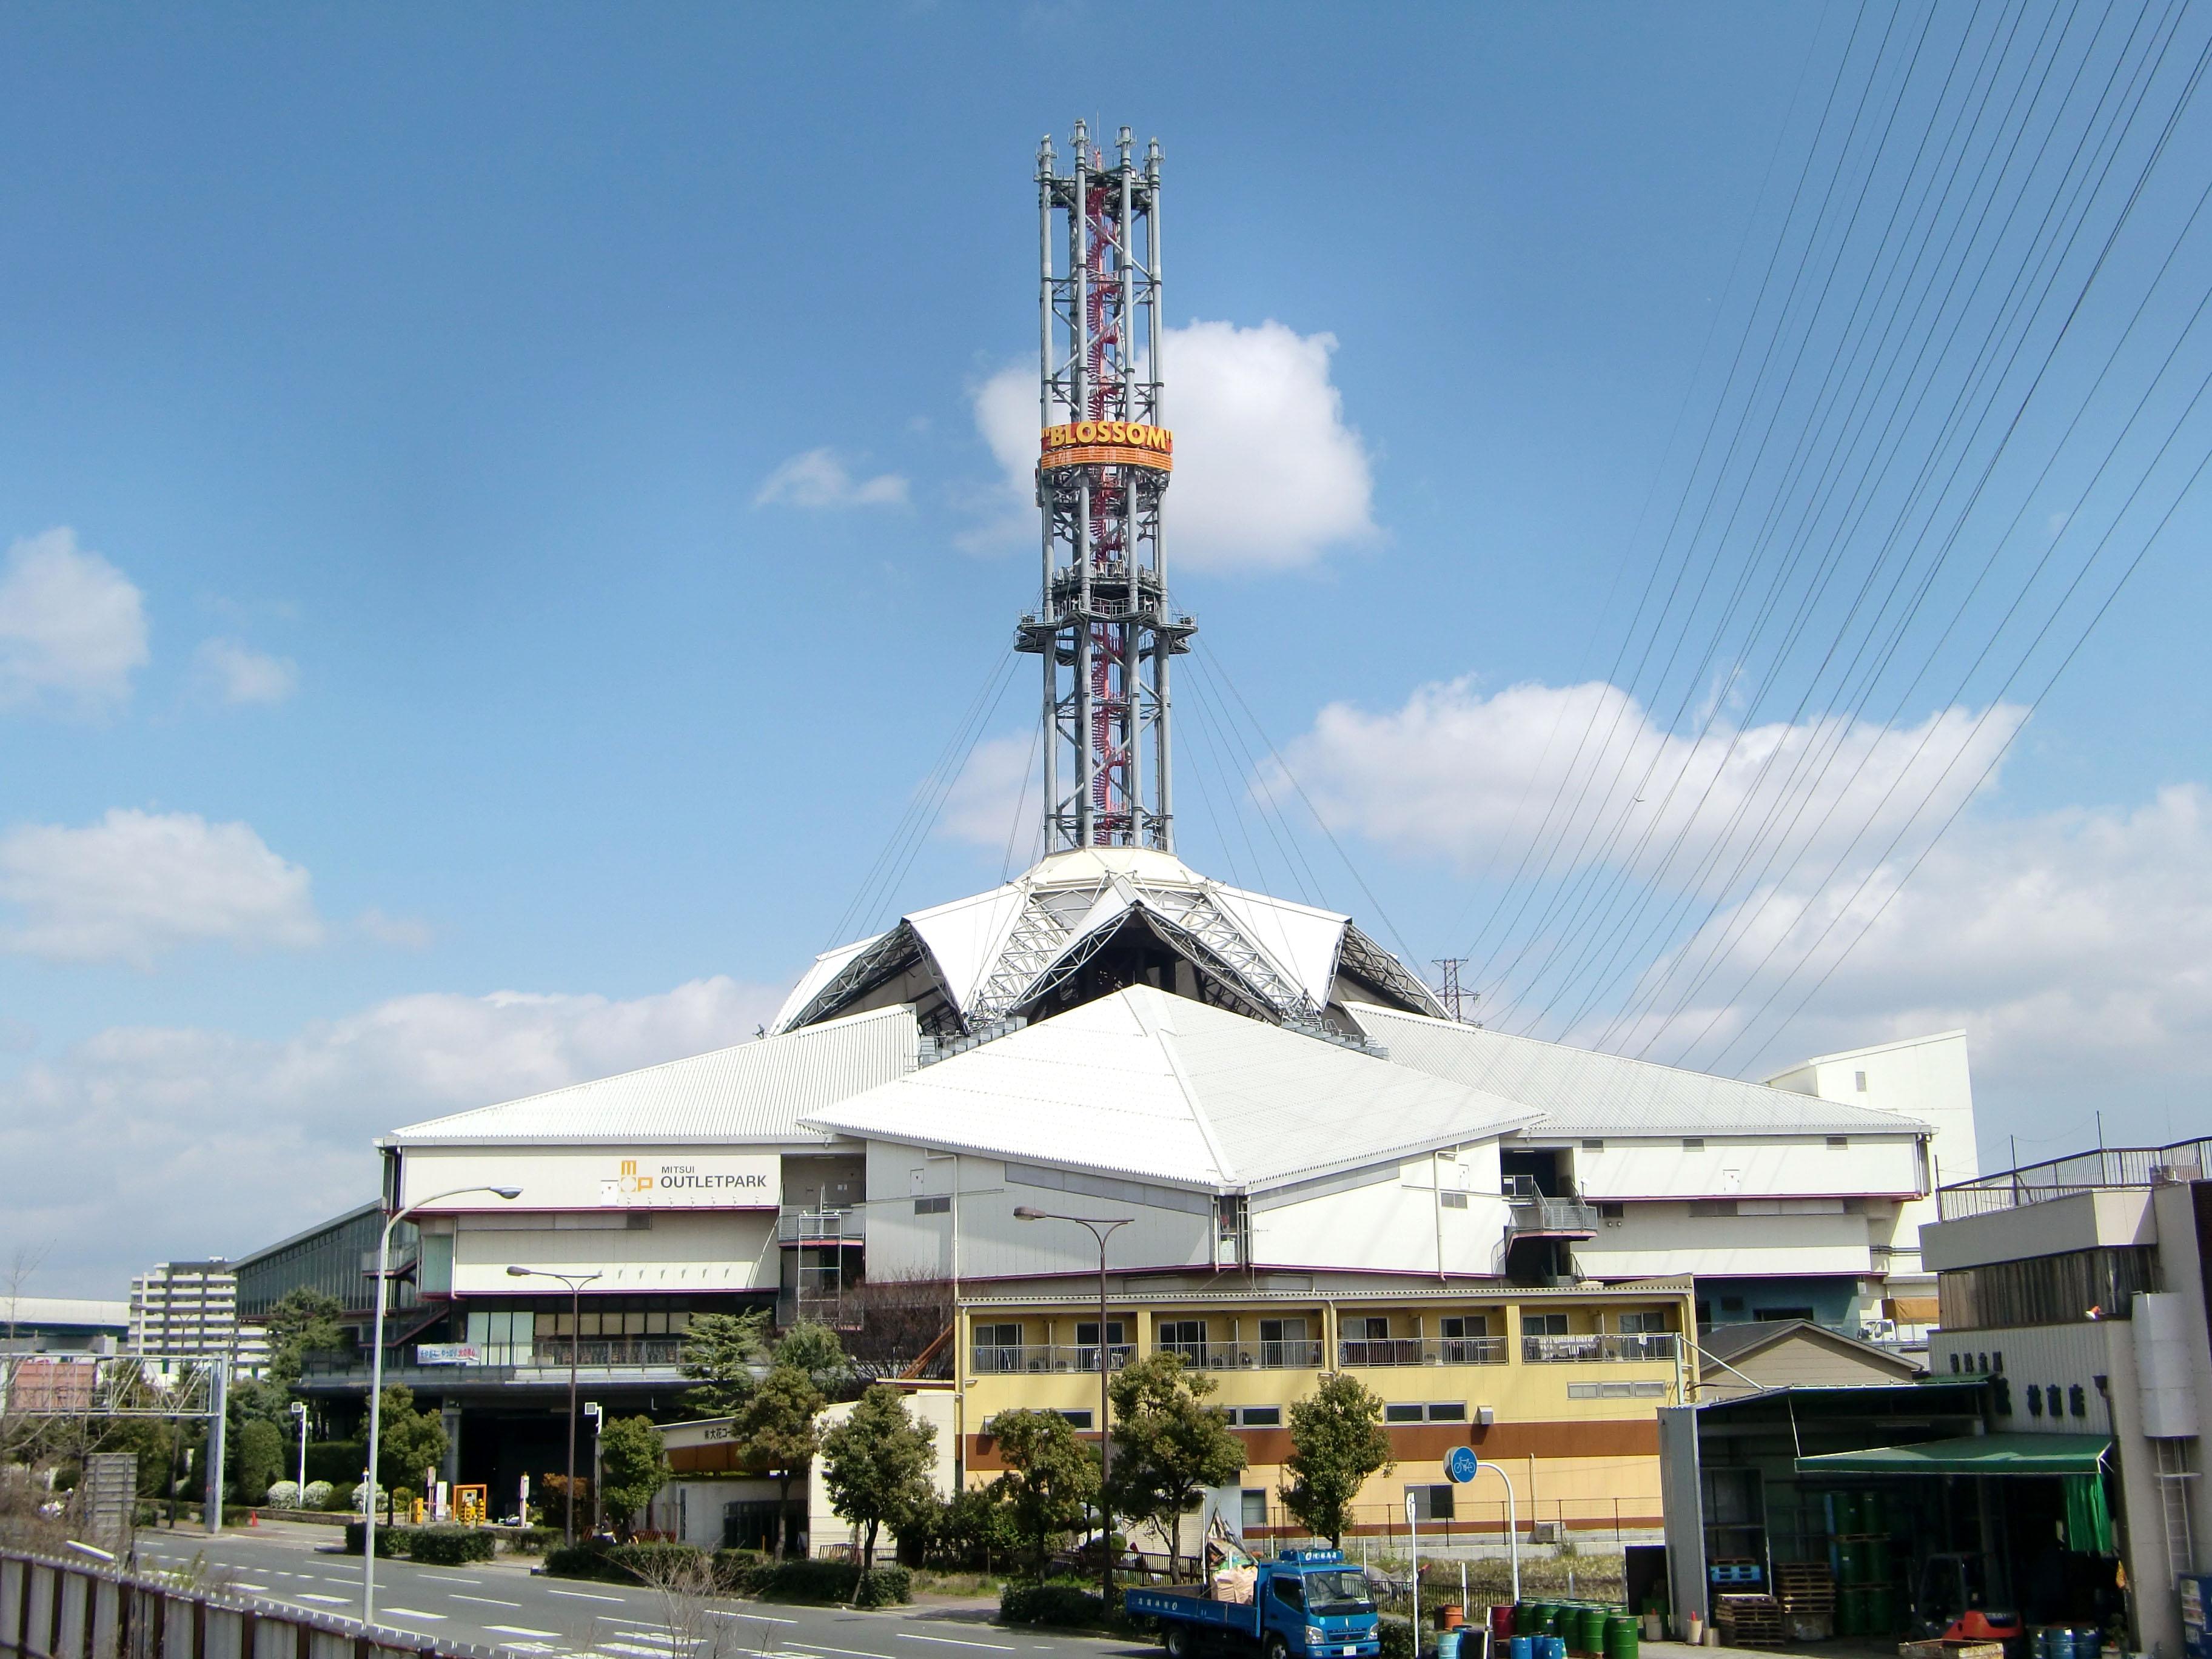 ファイル:MITSUI OUTLET PARK Osaka Tsurumi.JPG - Wikipedia